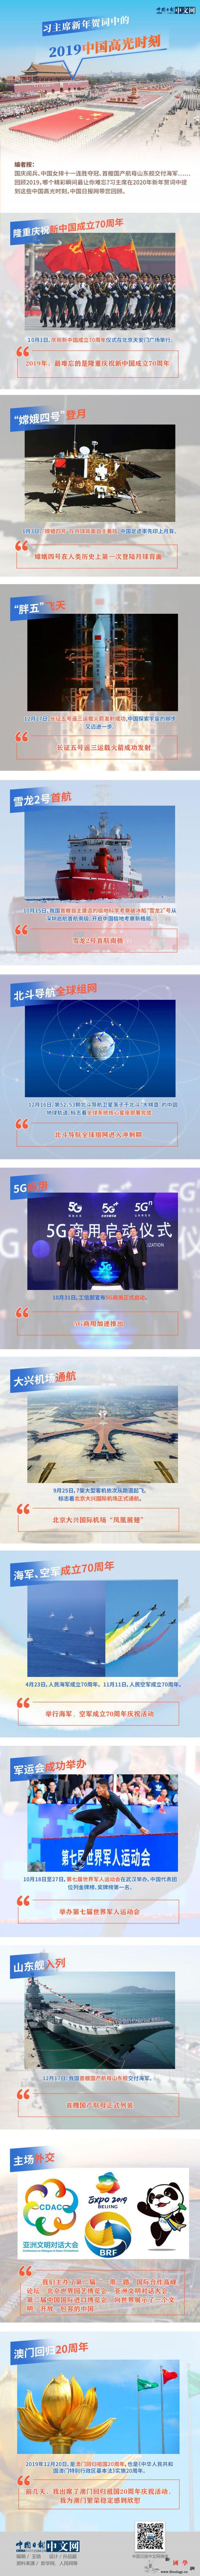 习主席新年贺词中的2019中国高光时_主席-时刻-src-